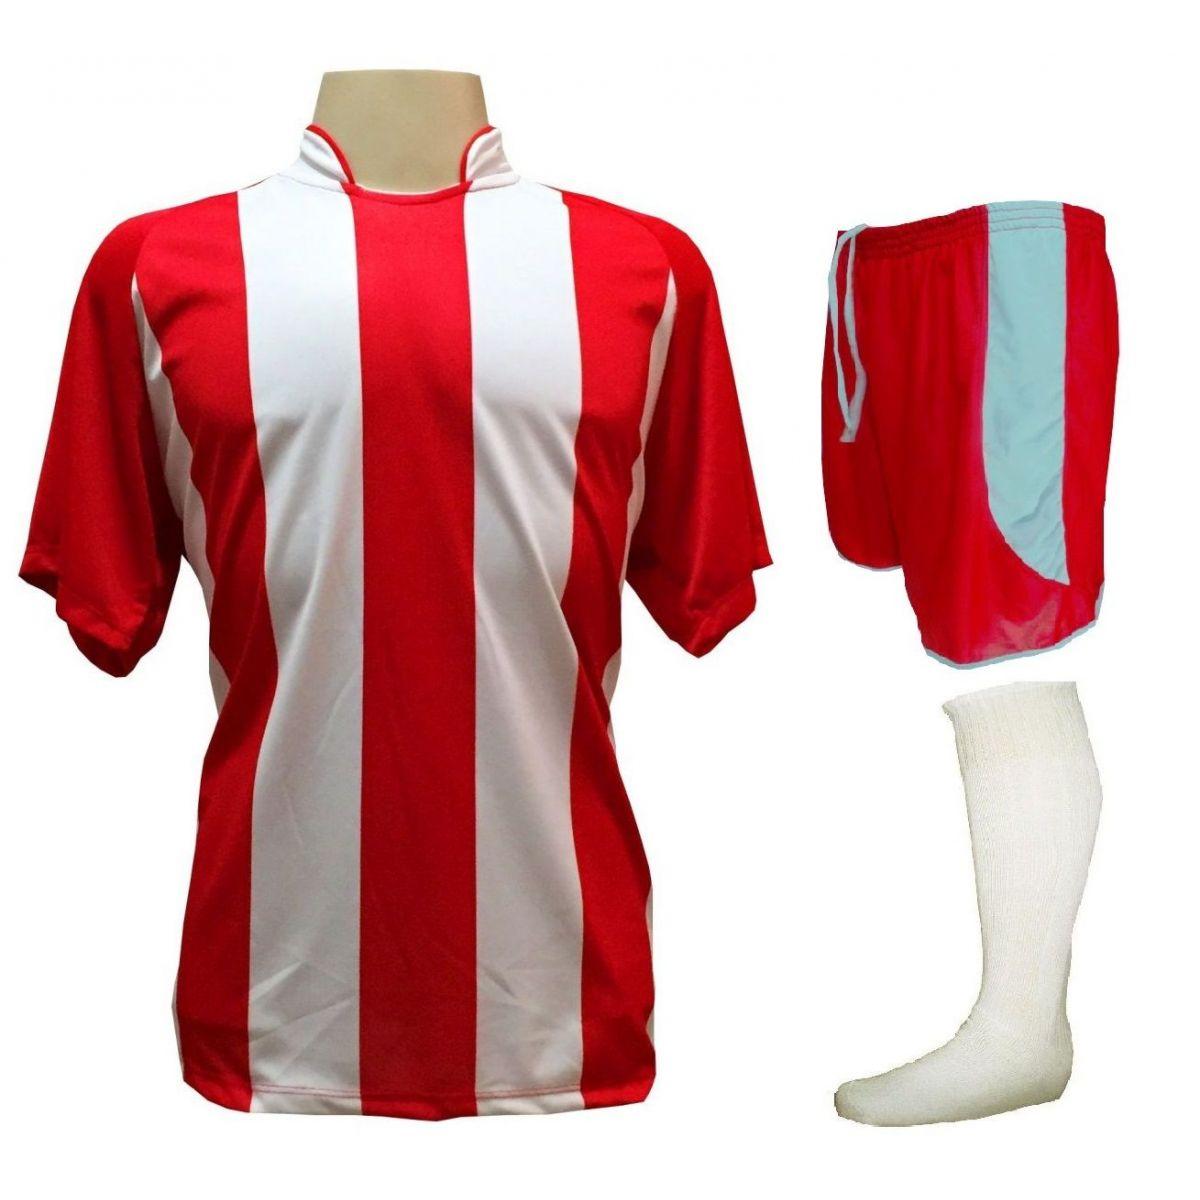 579a55a05e Uniforme Esportivo com 12 Camisas modelo Milan Vermelho Branco + 12 Calções  modelo Copa Vermelho ...